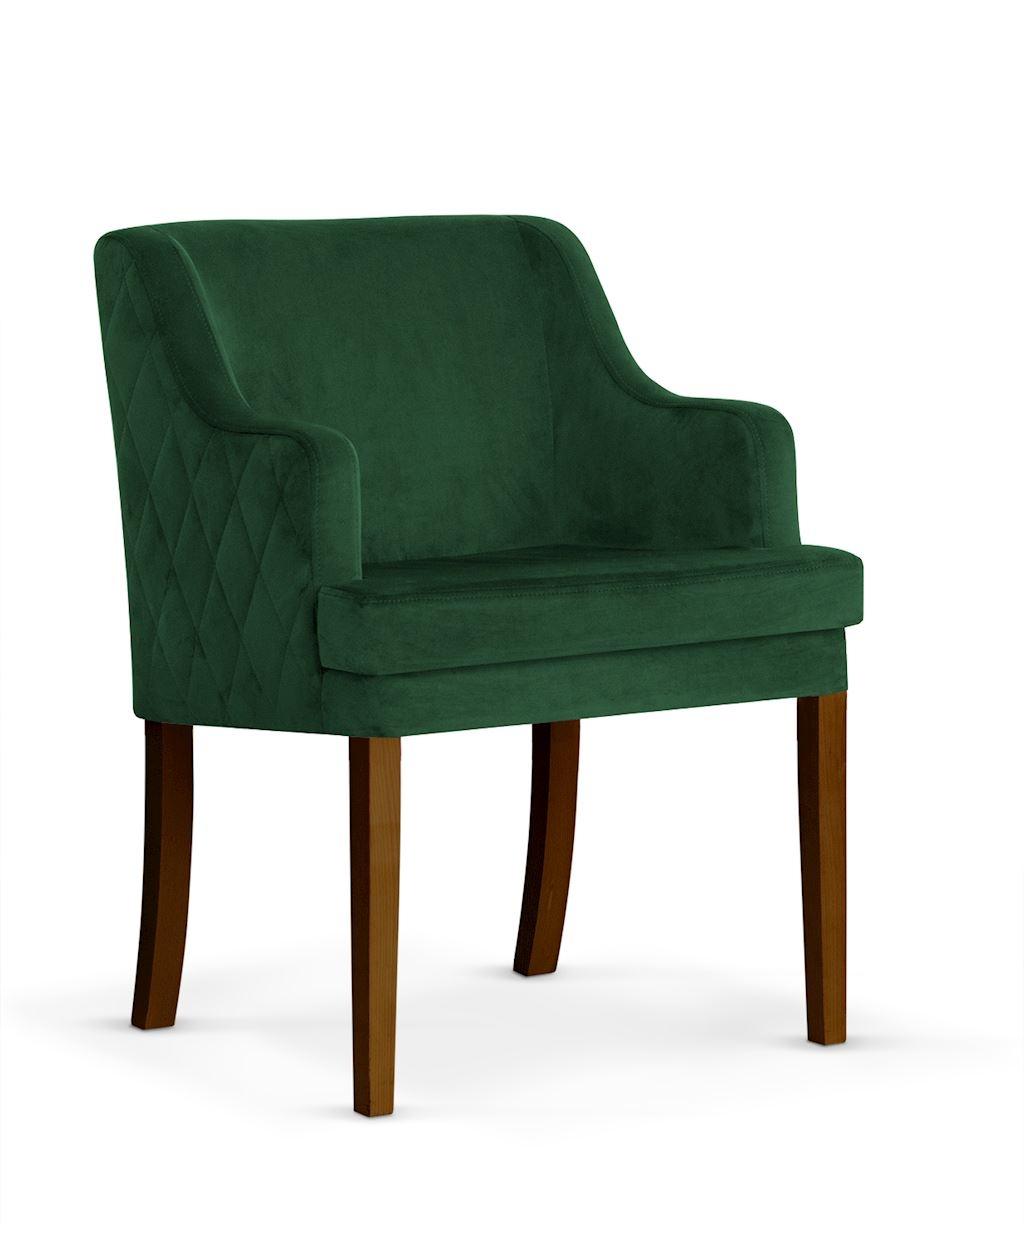 Fotoliu fix tapitat cu stofa cu picioare din lemn Grand Green / Walnut l58xA60xH89 cm